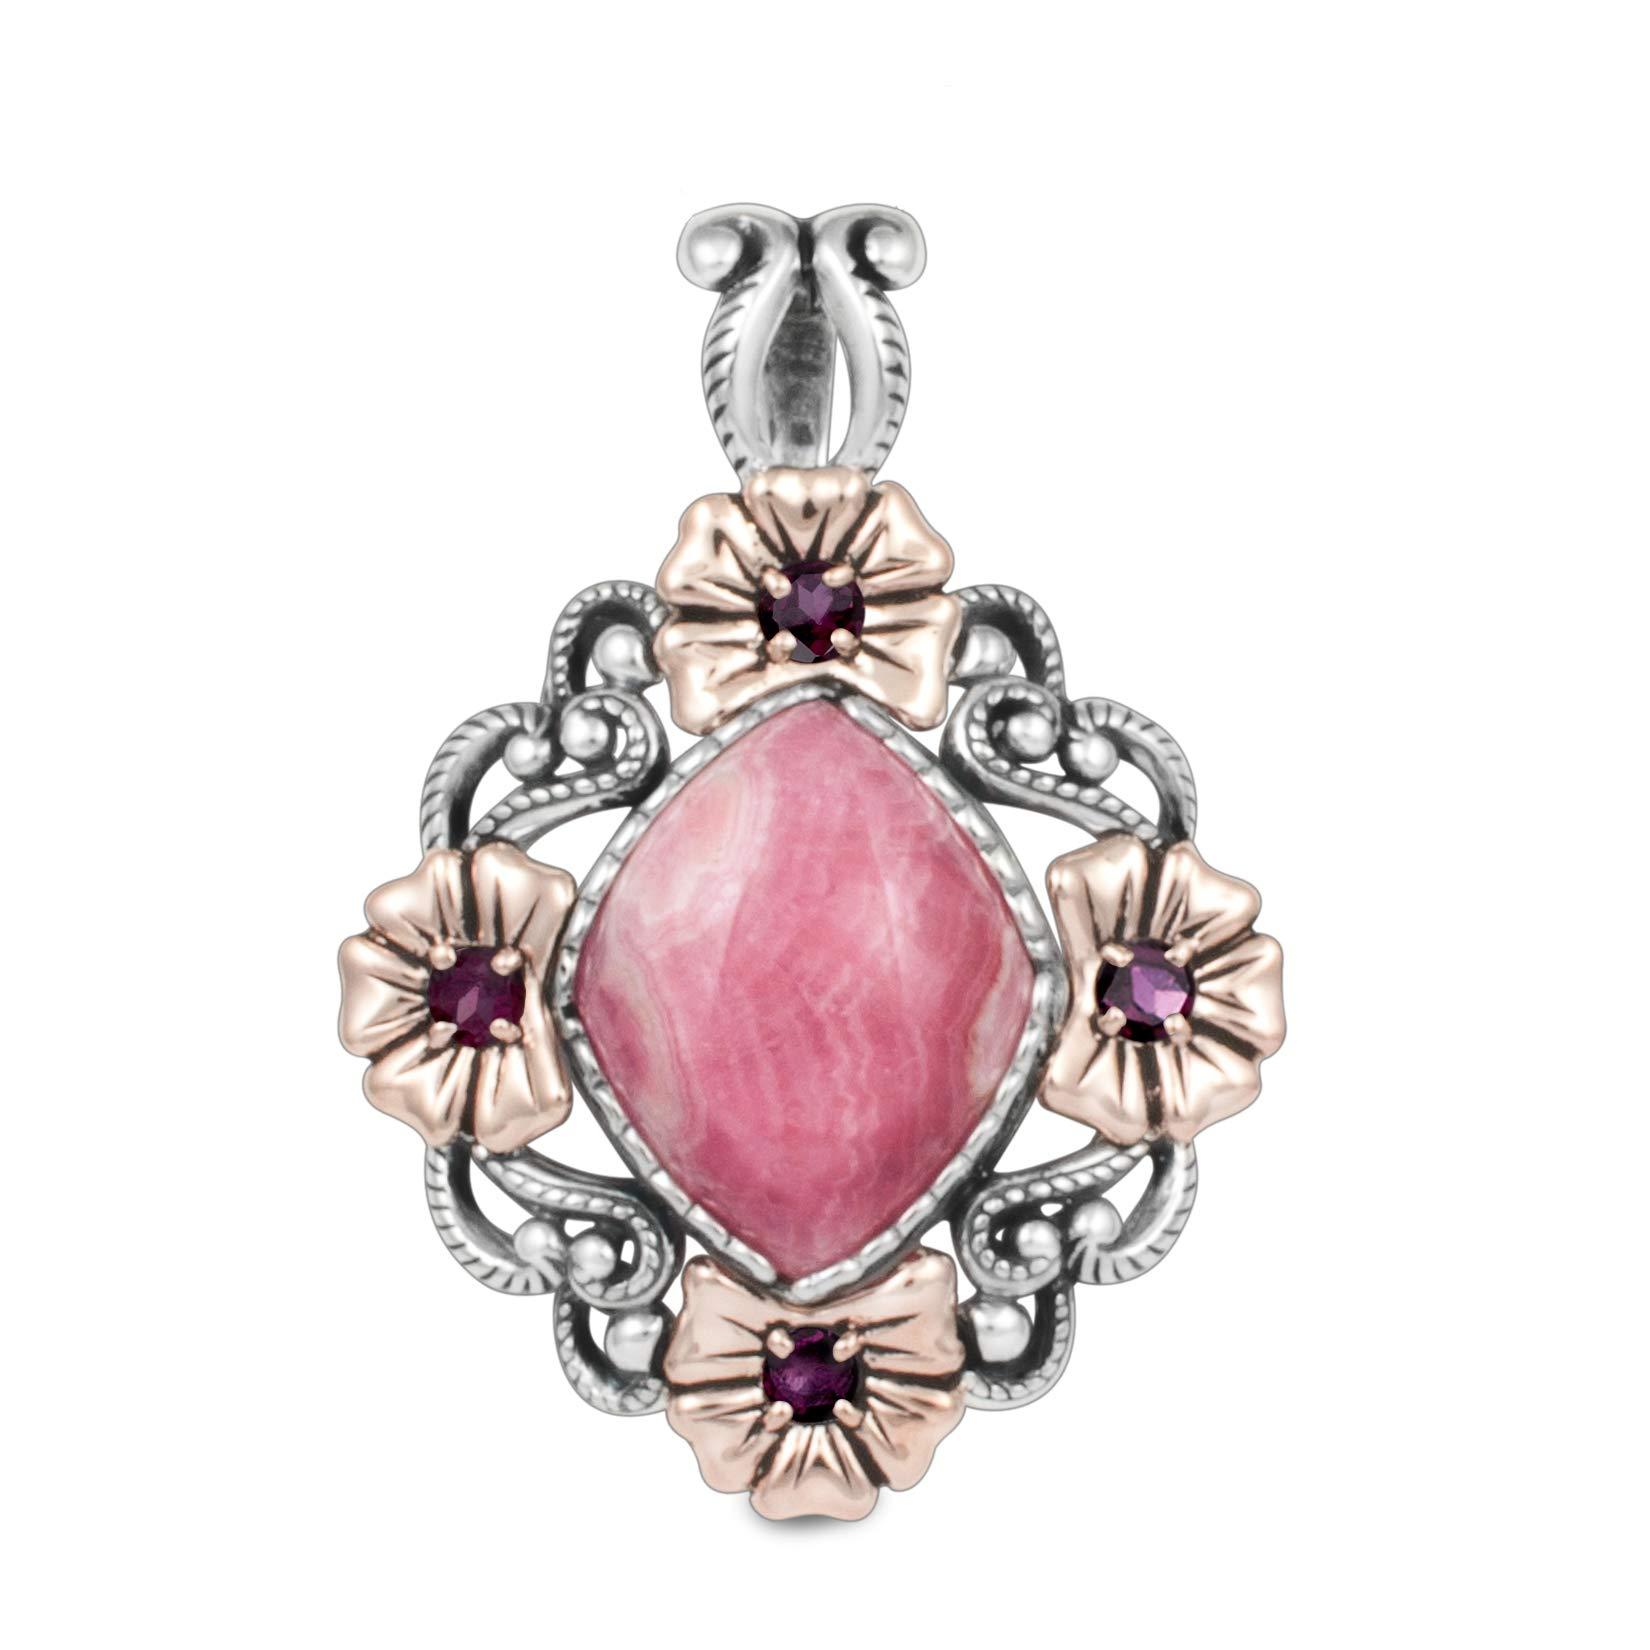 Carolyn Pollack Sterling Silver & Copper Rhodochrosite & Rhodolite Floral Pendant Enhancer by Carolyn Pollack